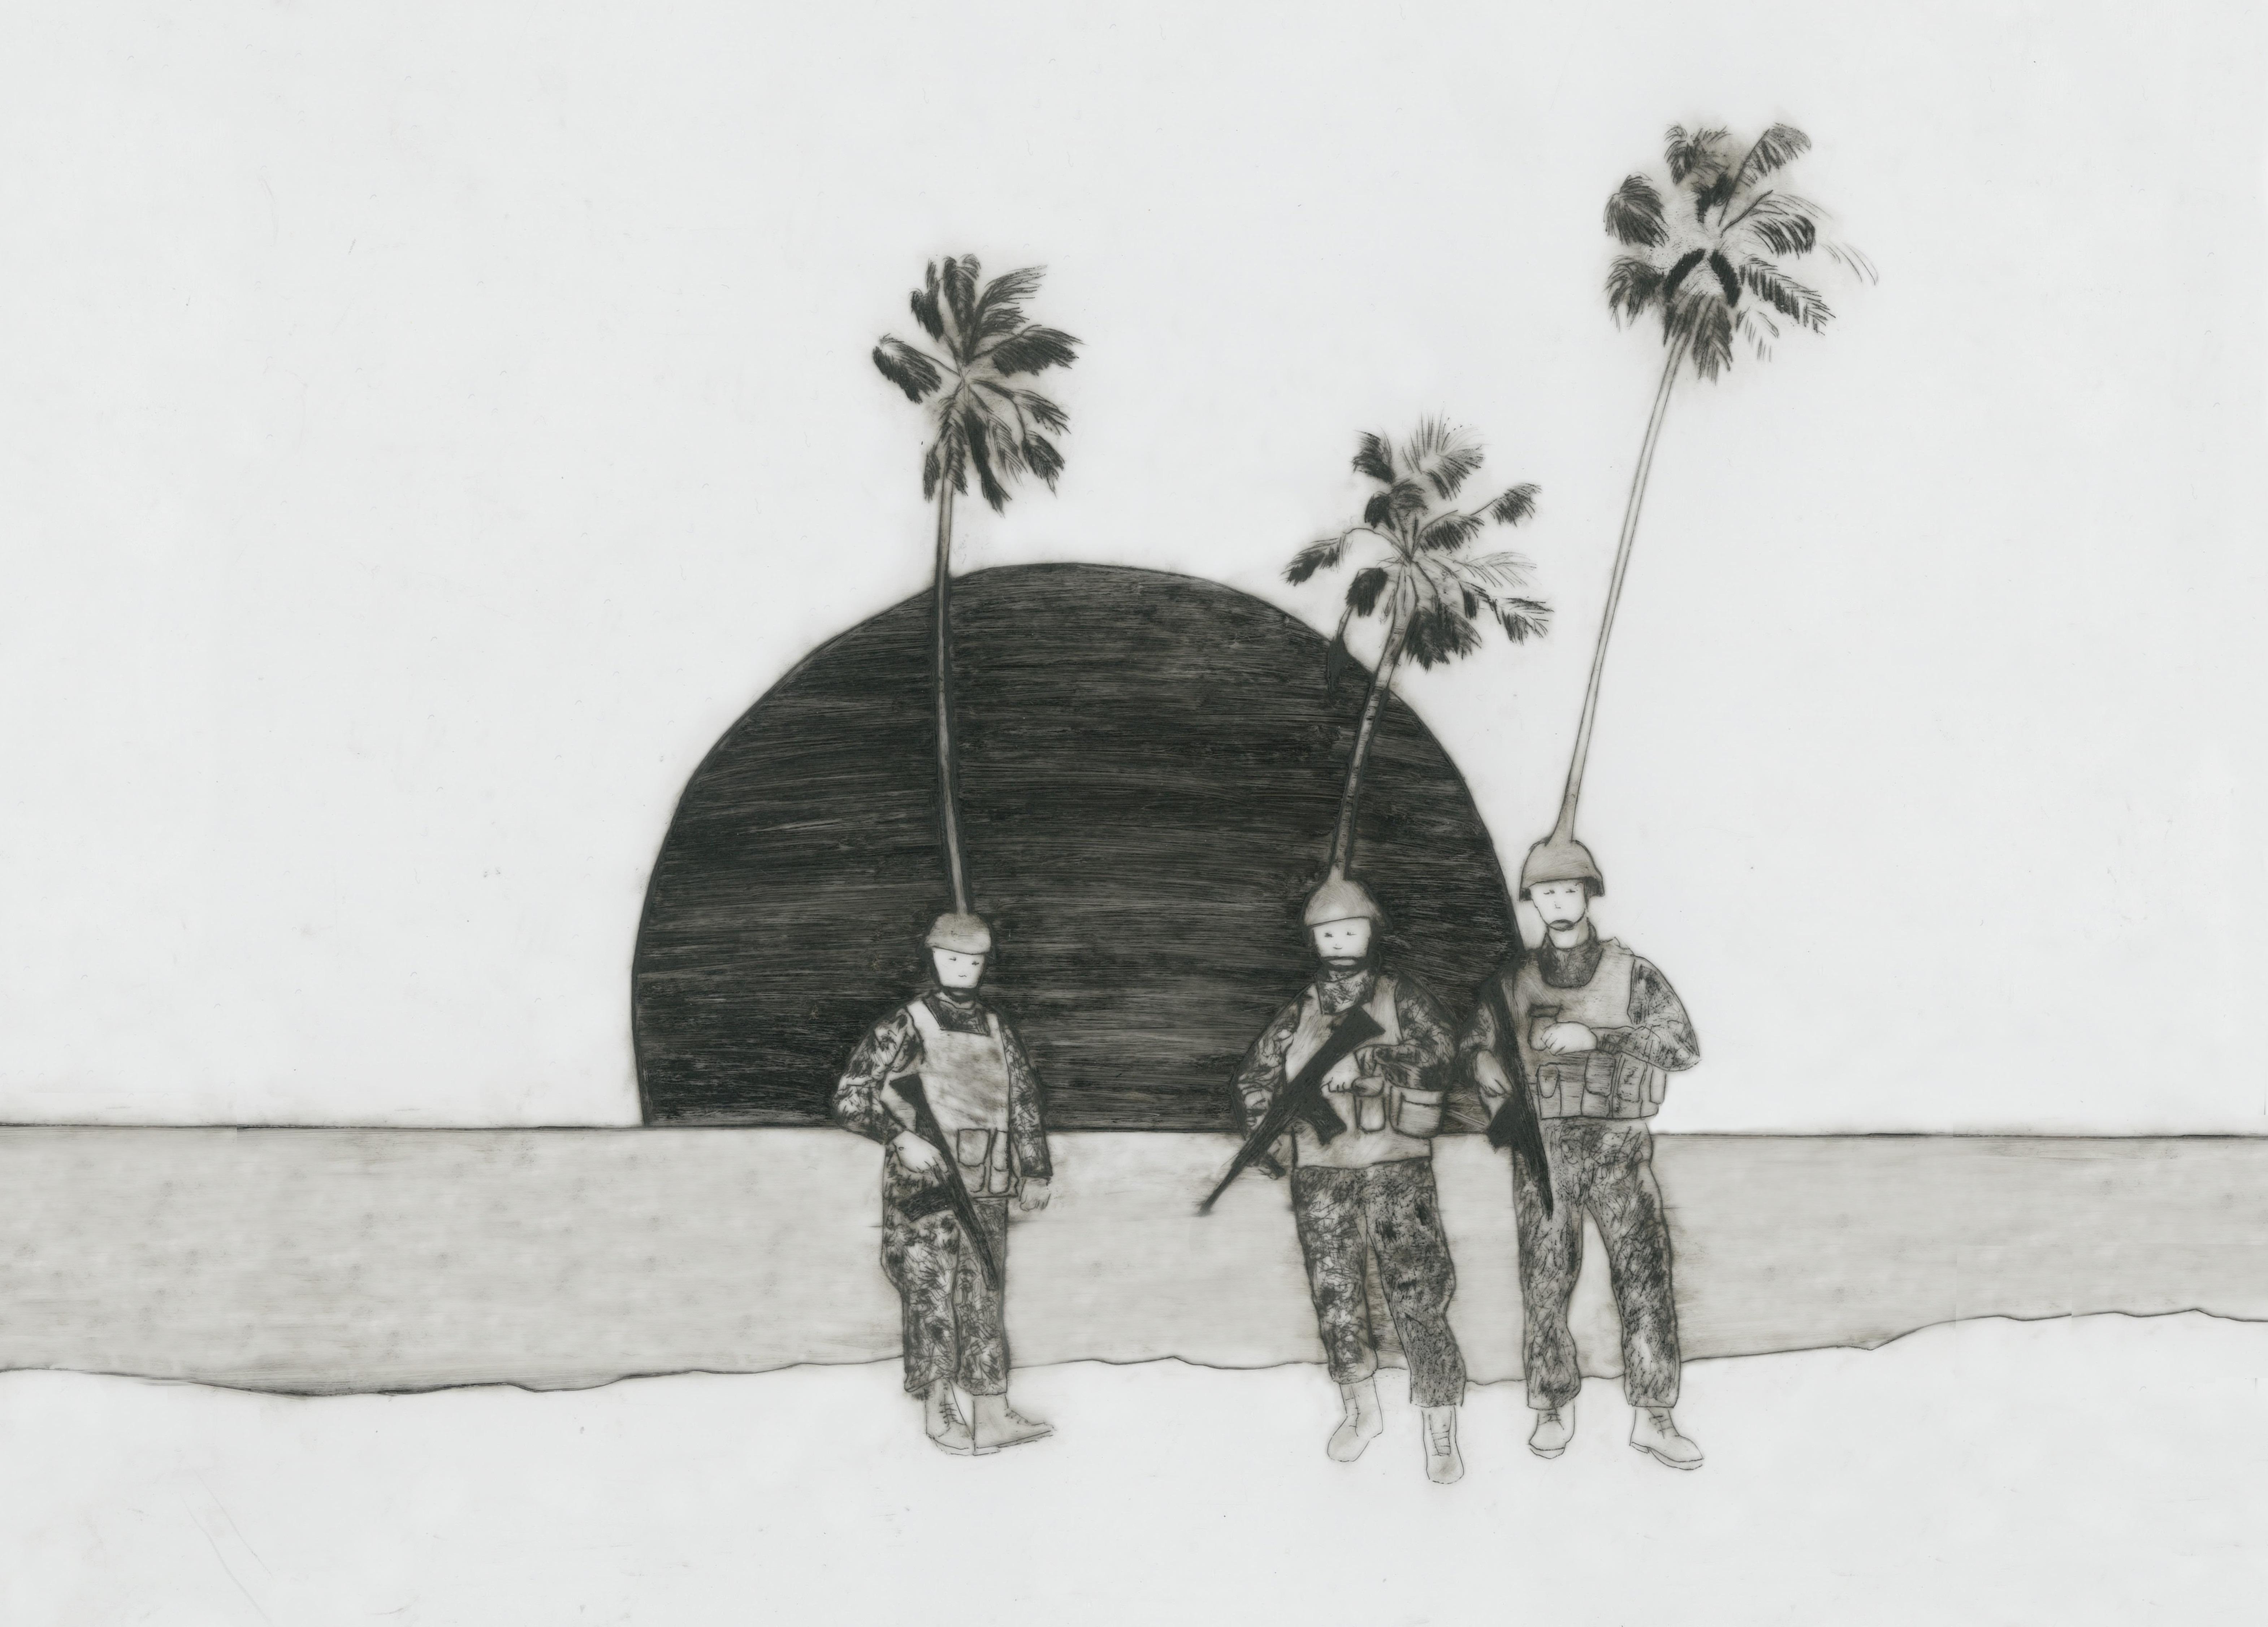 O turismo e a derradeira fronteira do império capitalista – o mar